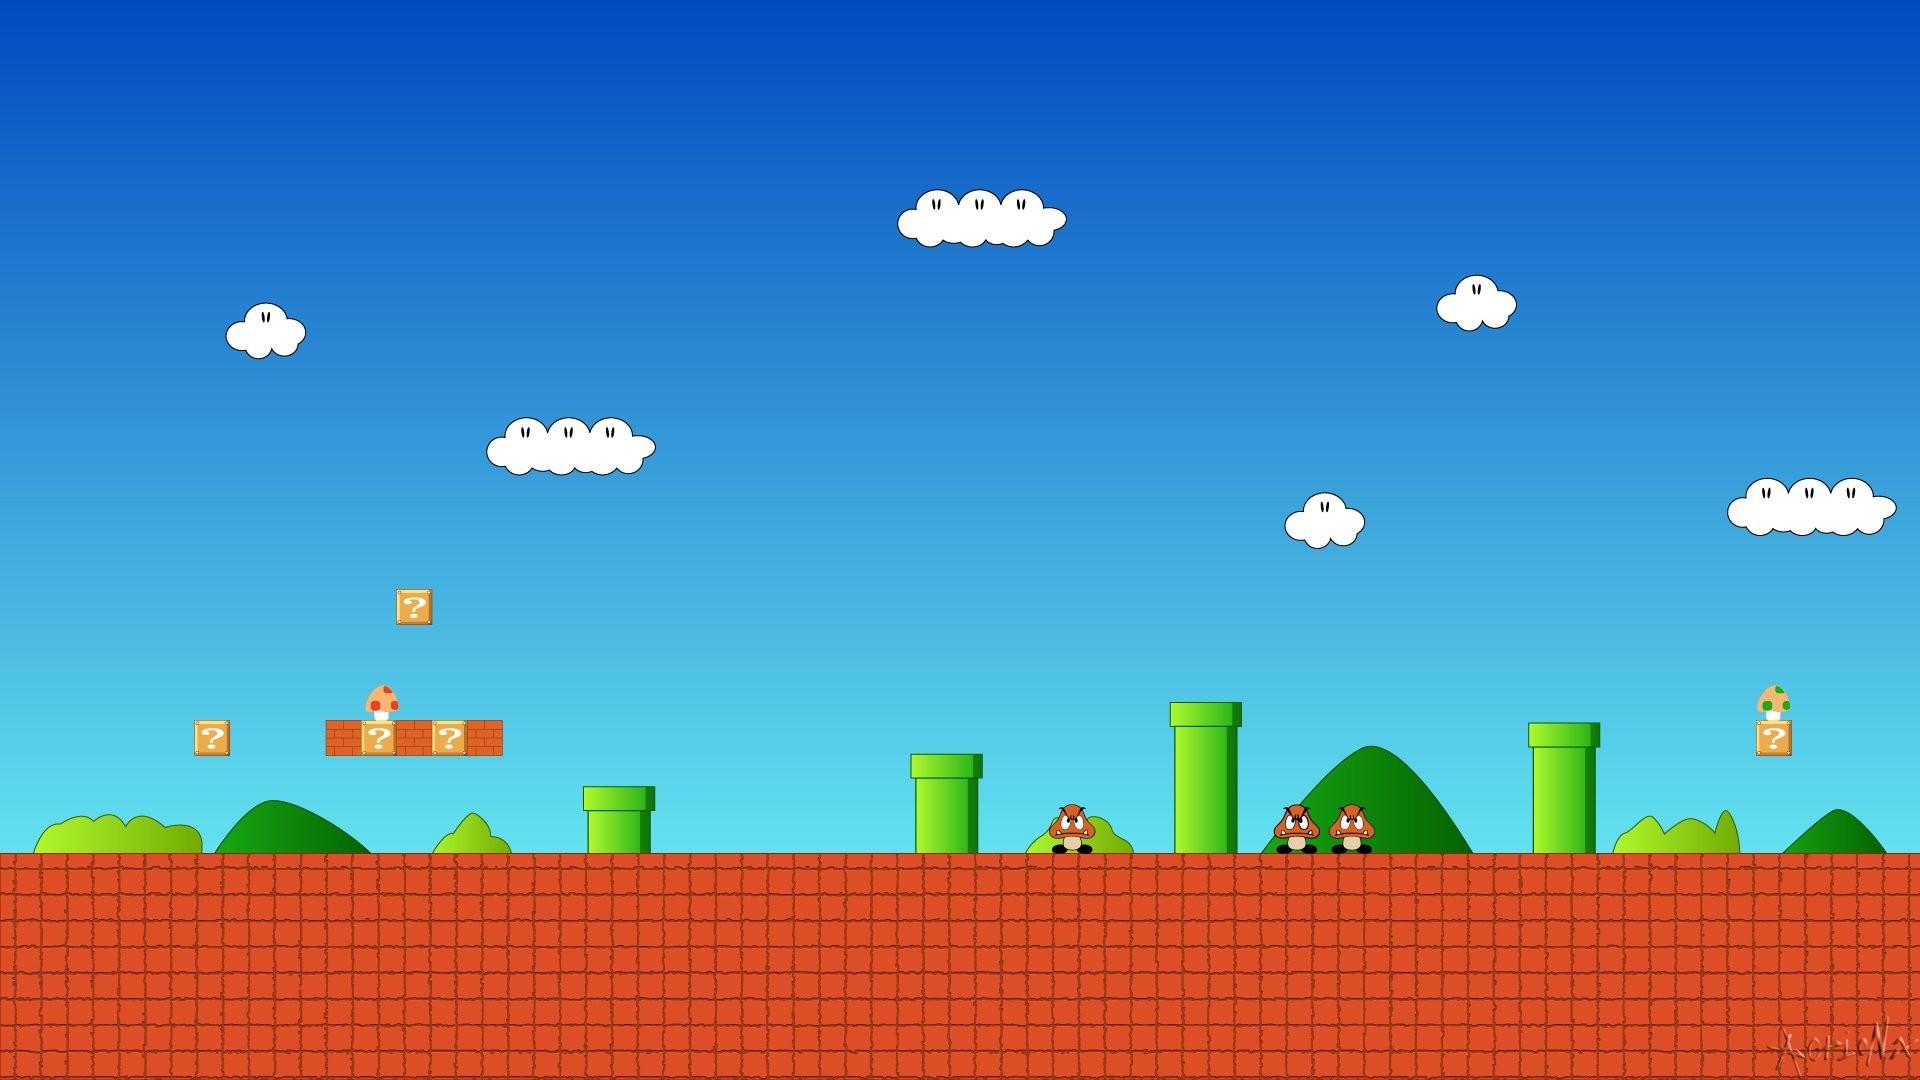 Computerspiele – Super Mario Bros. Wallpaper